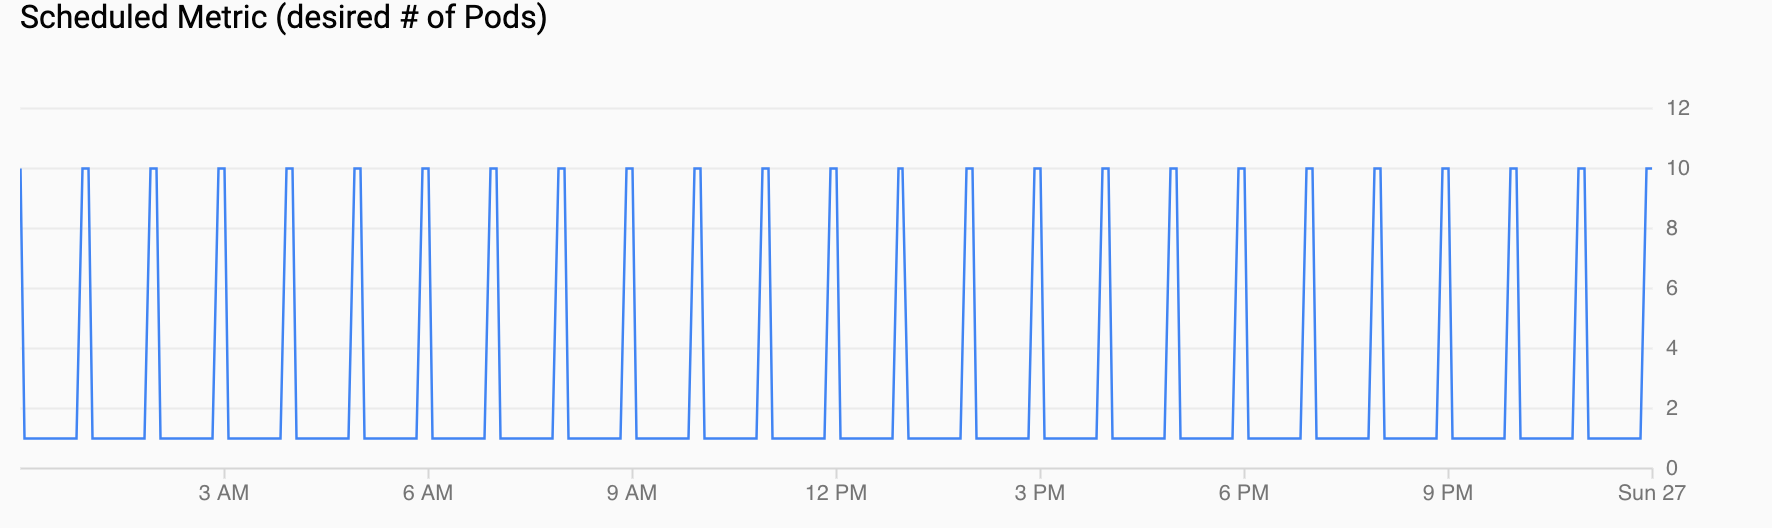 Gráfico de la demanda de Pods, que muestra un aumento cada hora.